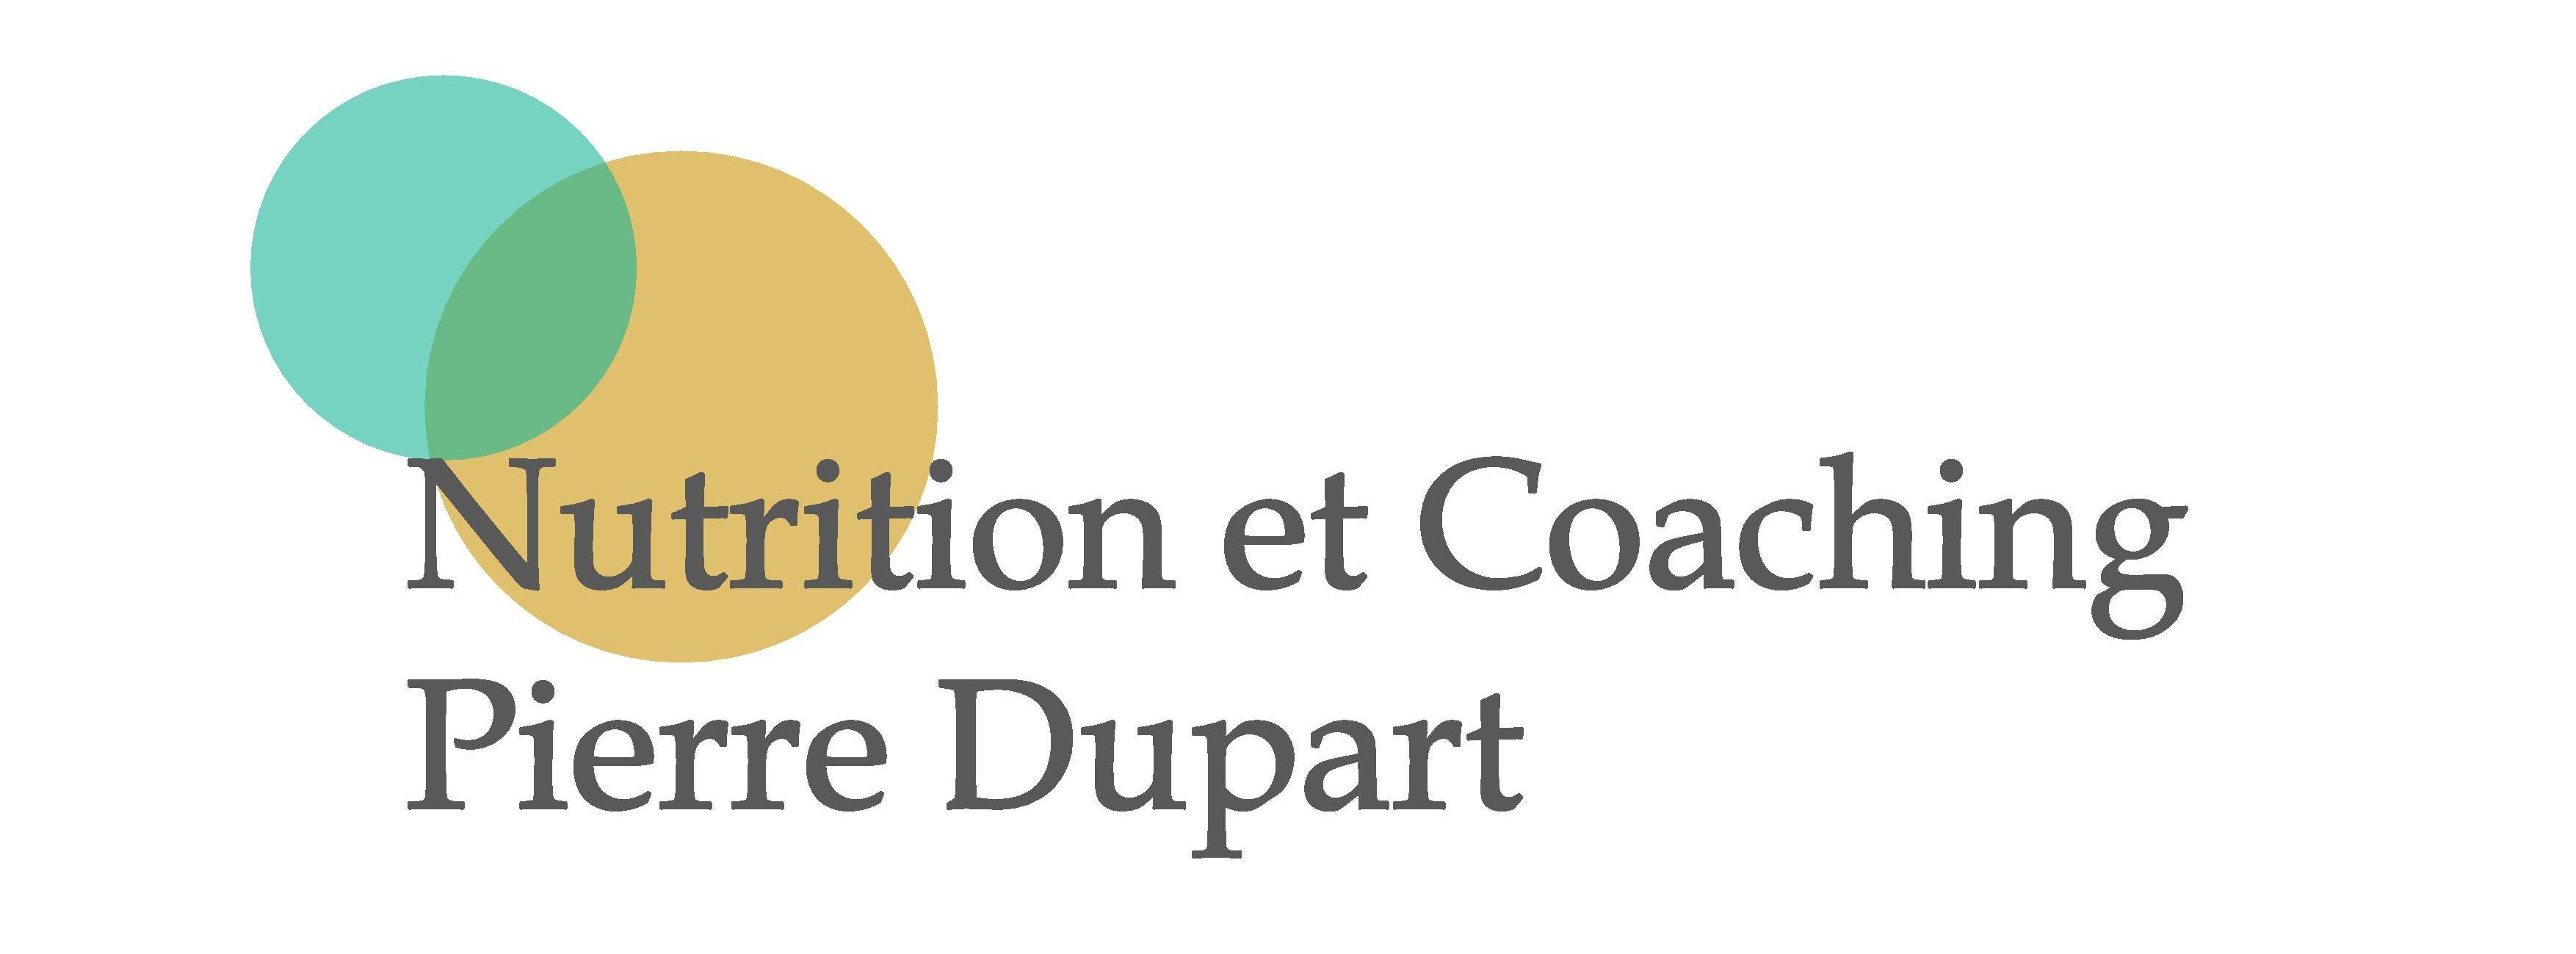 Nutrition et Coaching Pierre Dupart